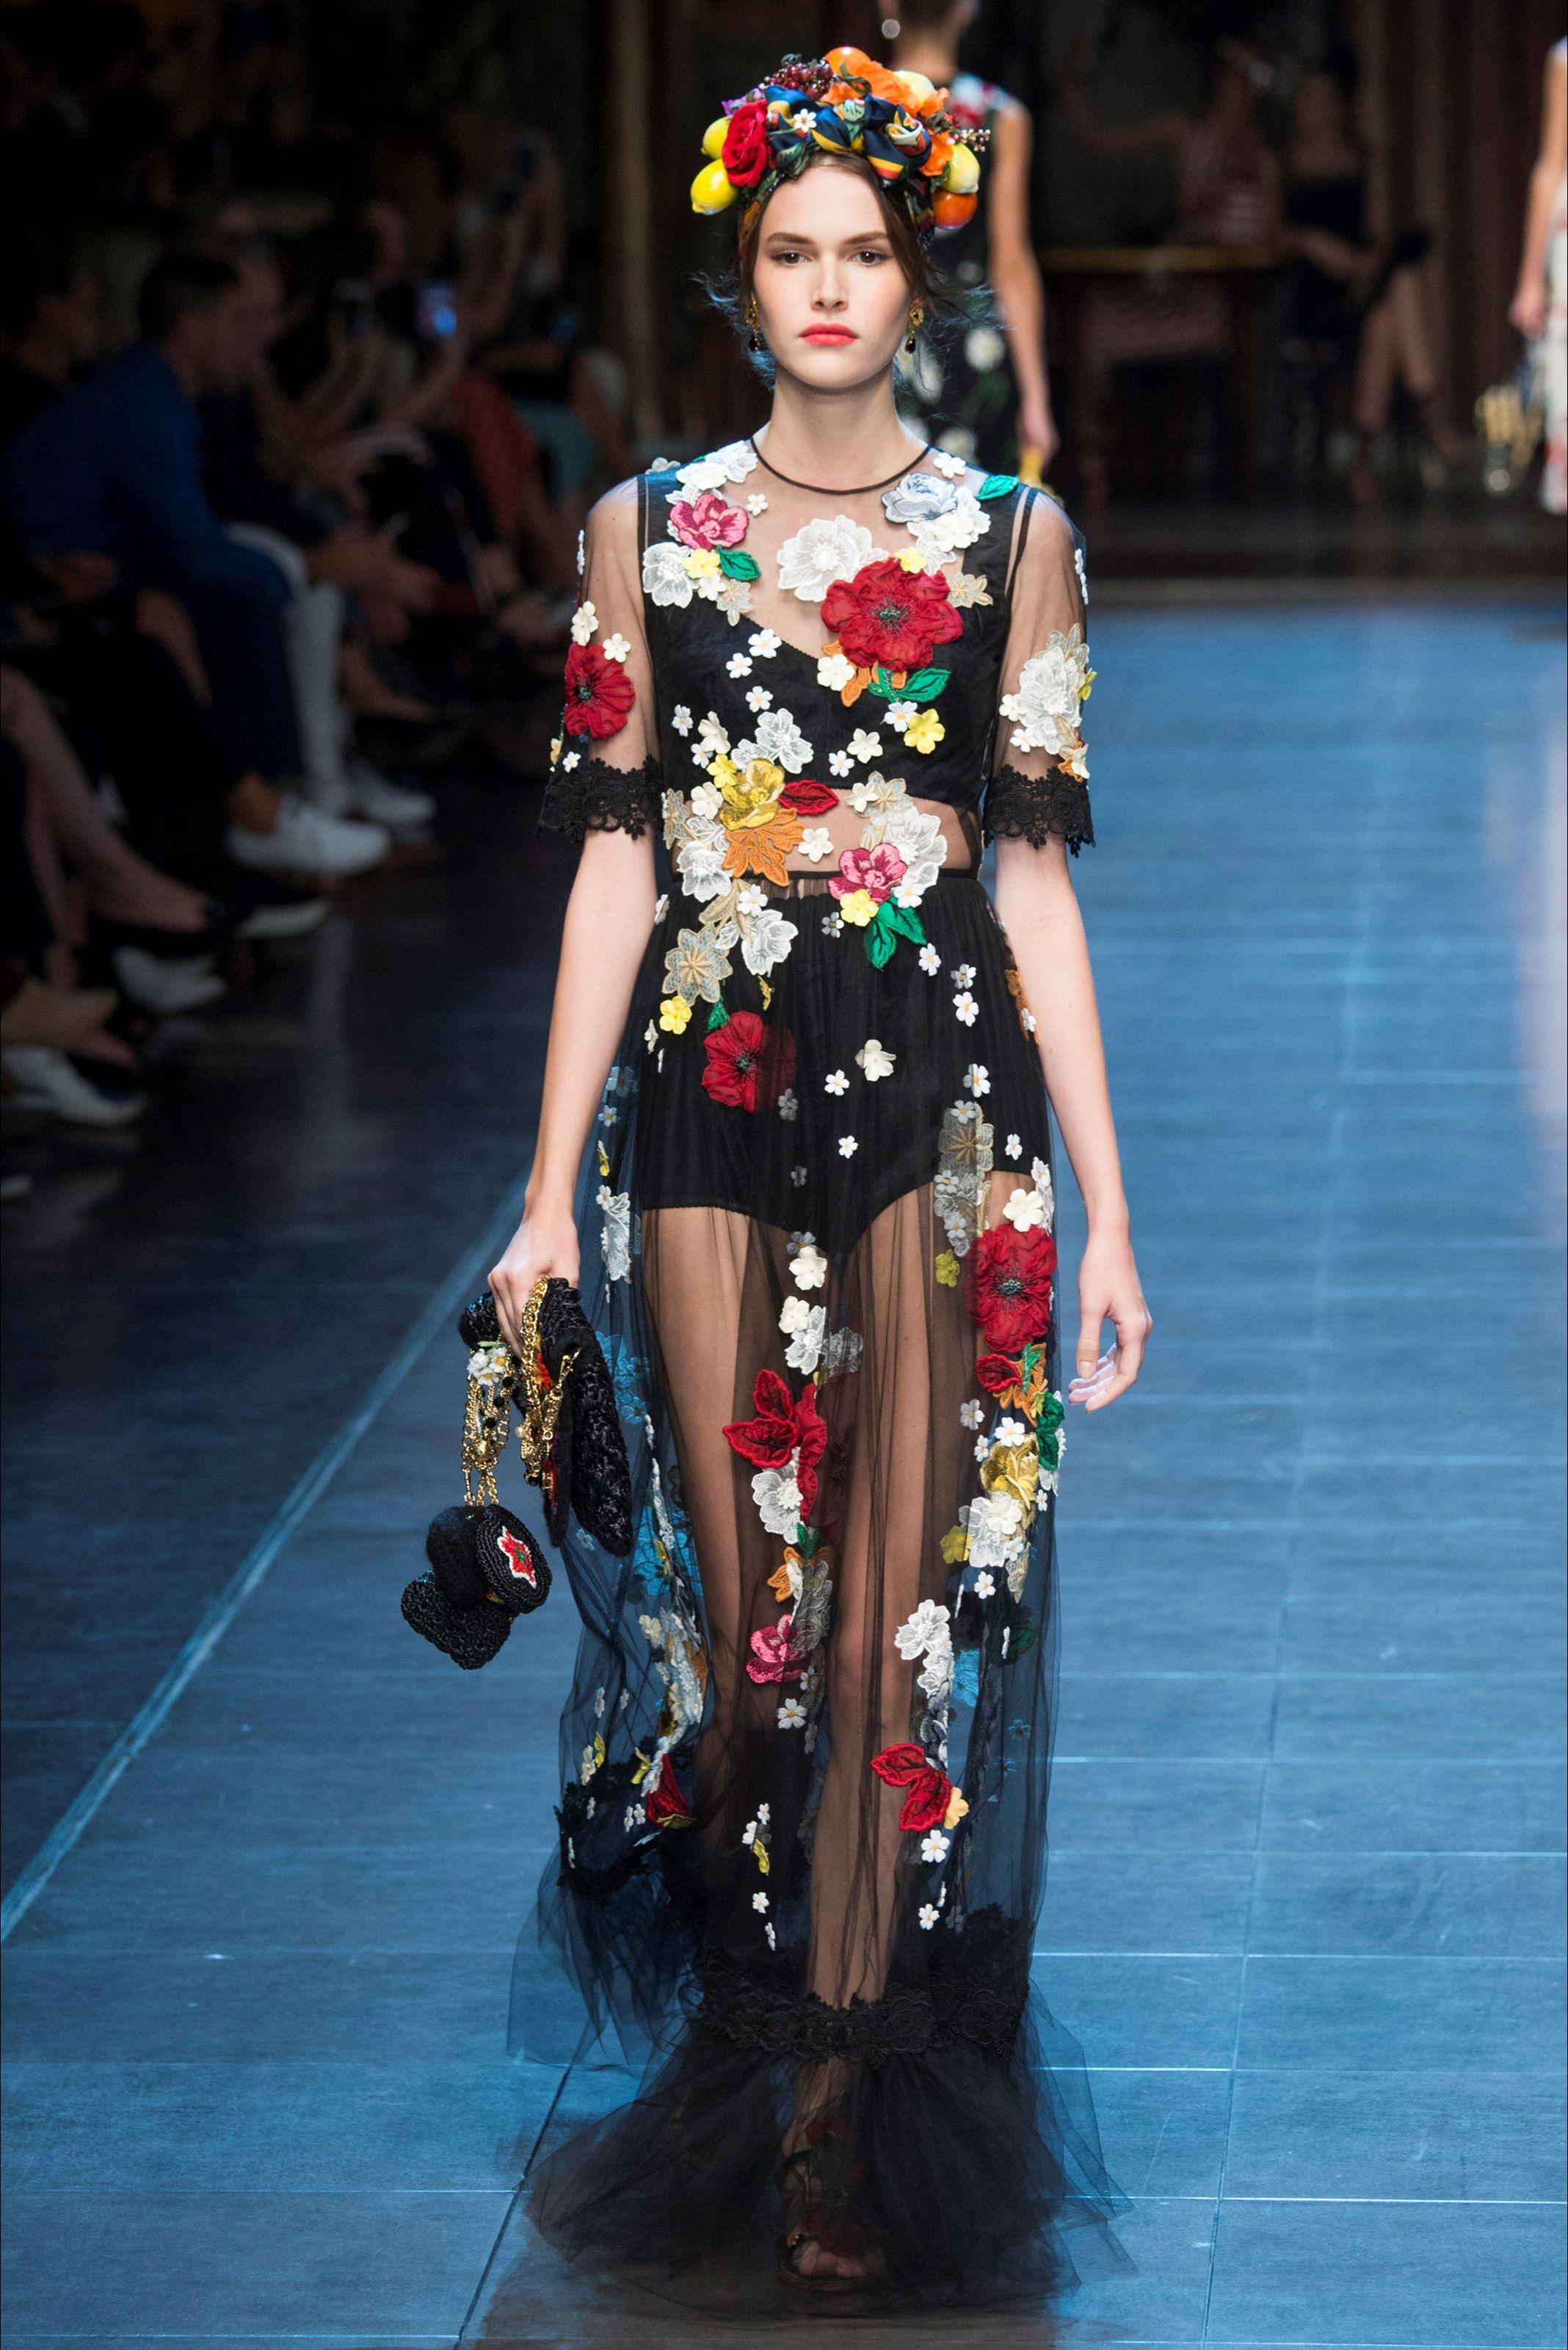 Sfilate Dolce   Gabbana Collezioni Primavera Estate 2016 - Sfilate Milano - Moda  Donna - Style.it bdac25f3d38